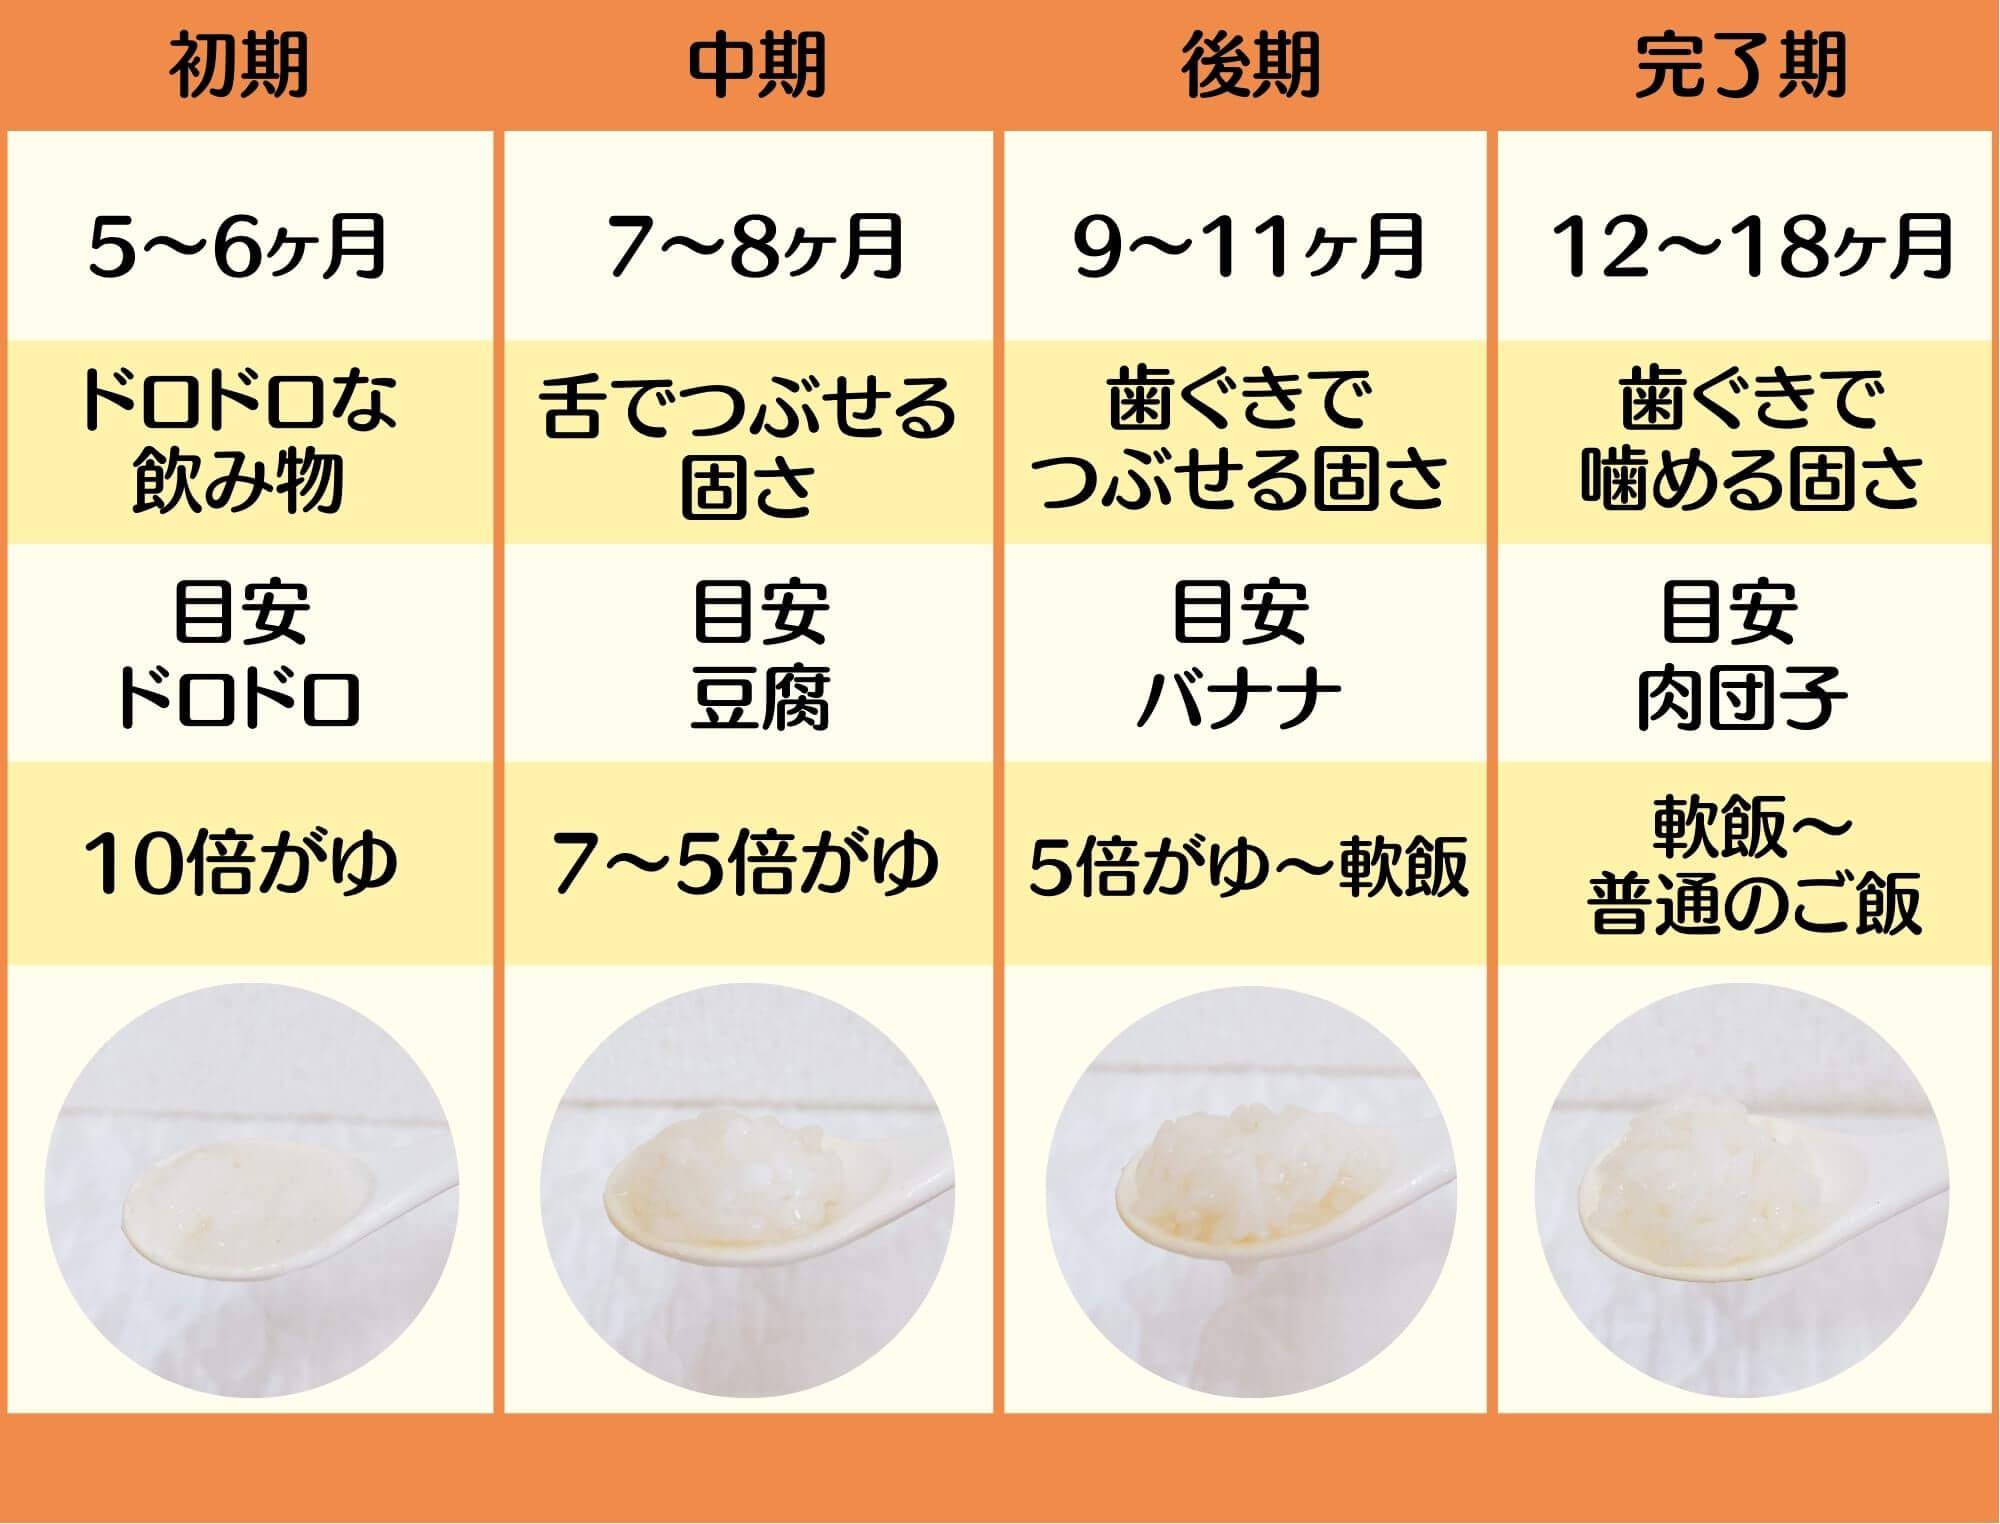 離乳食の流れ